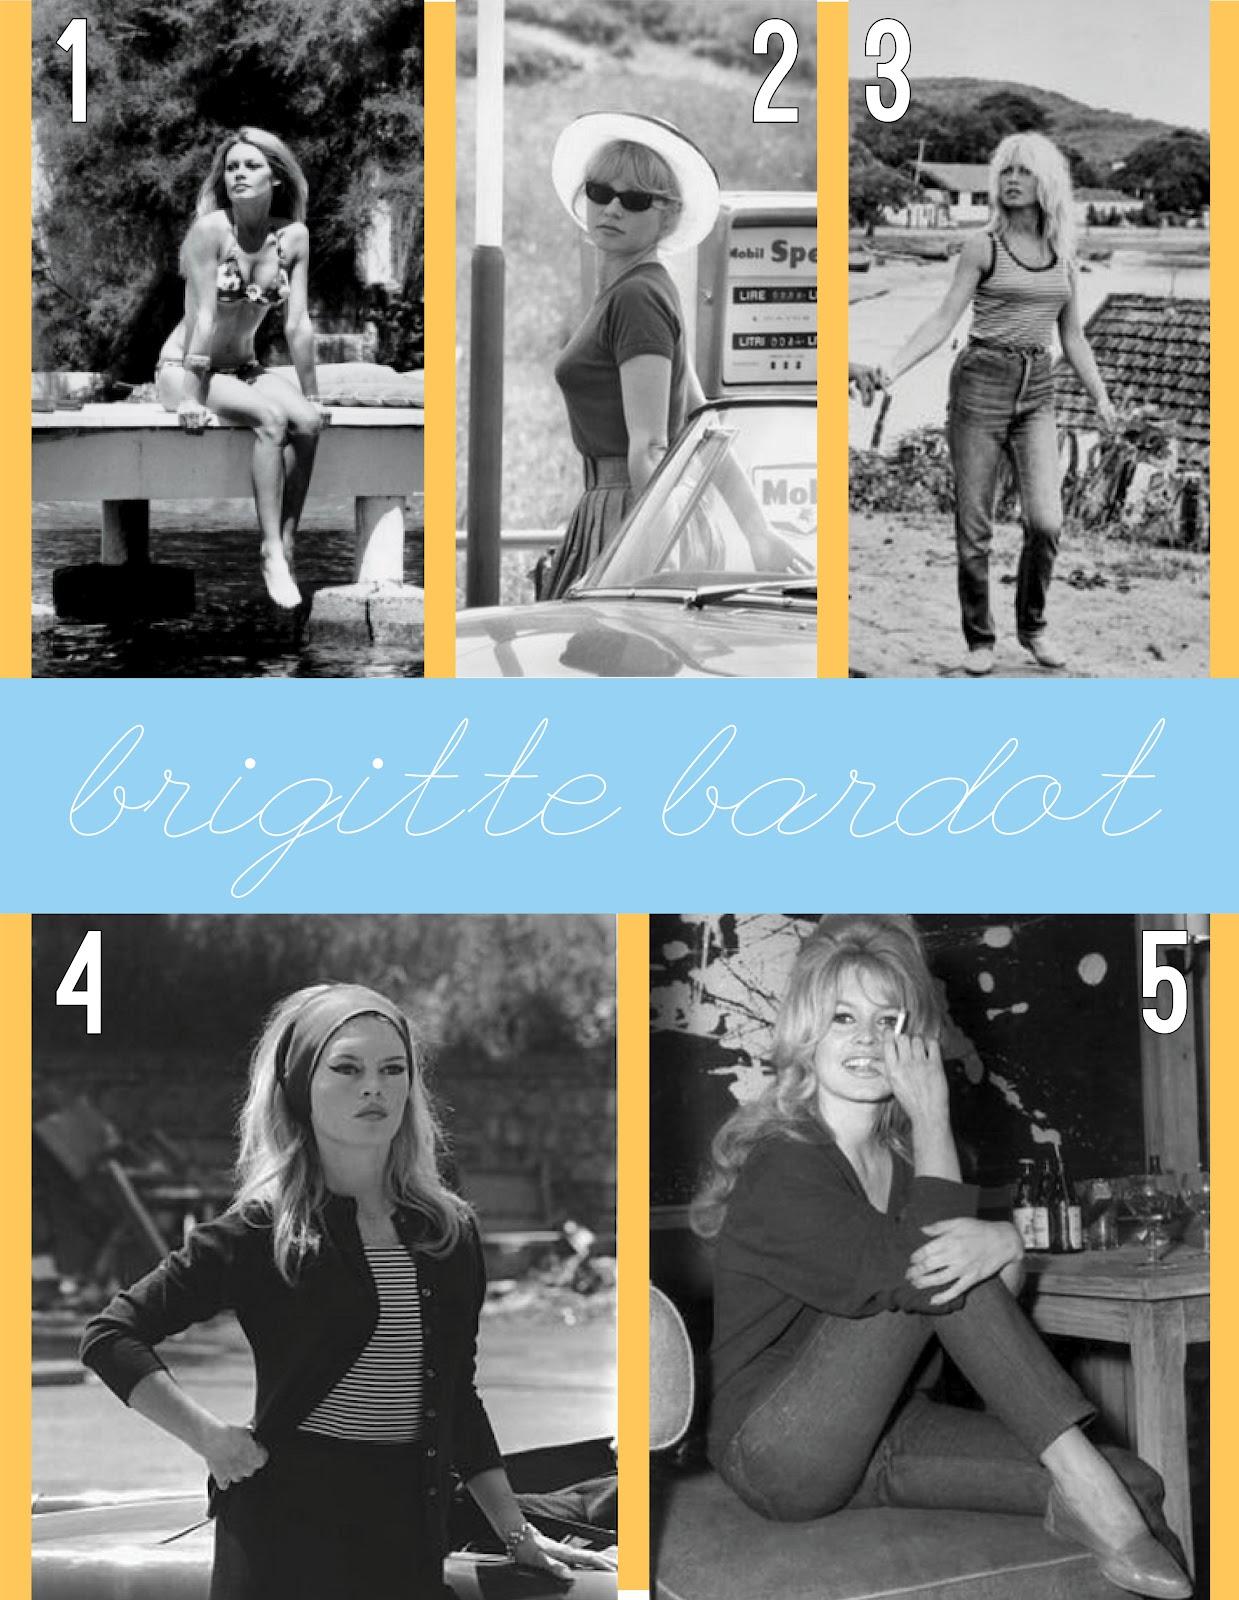 http://4.bp.blogspot.com/--FDG9HwYGw8/T_cNzwyGDXI/AAAAAAAAHPw/FbYRuSY4DFQ/s1600/brigitte+collage.jpg